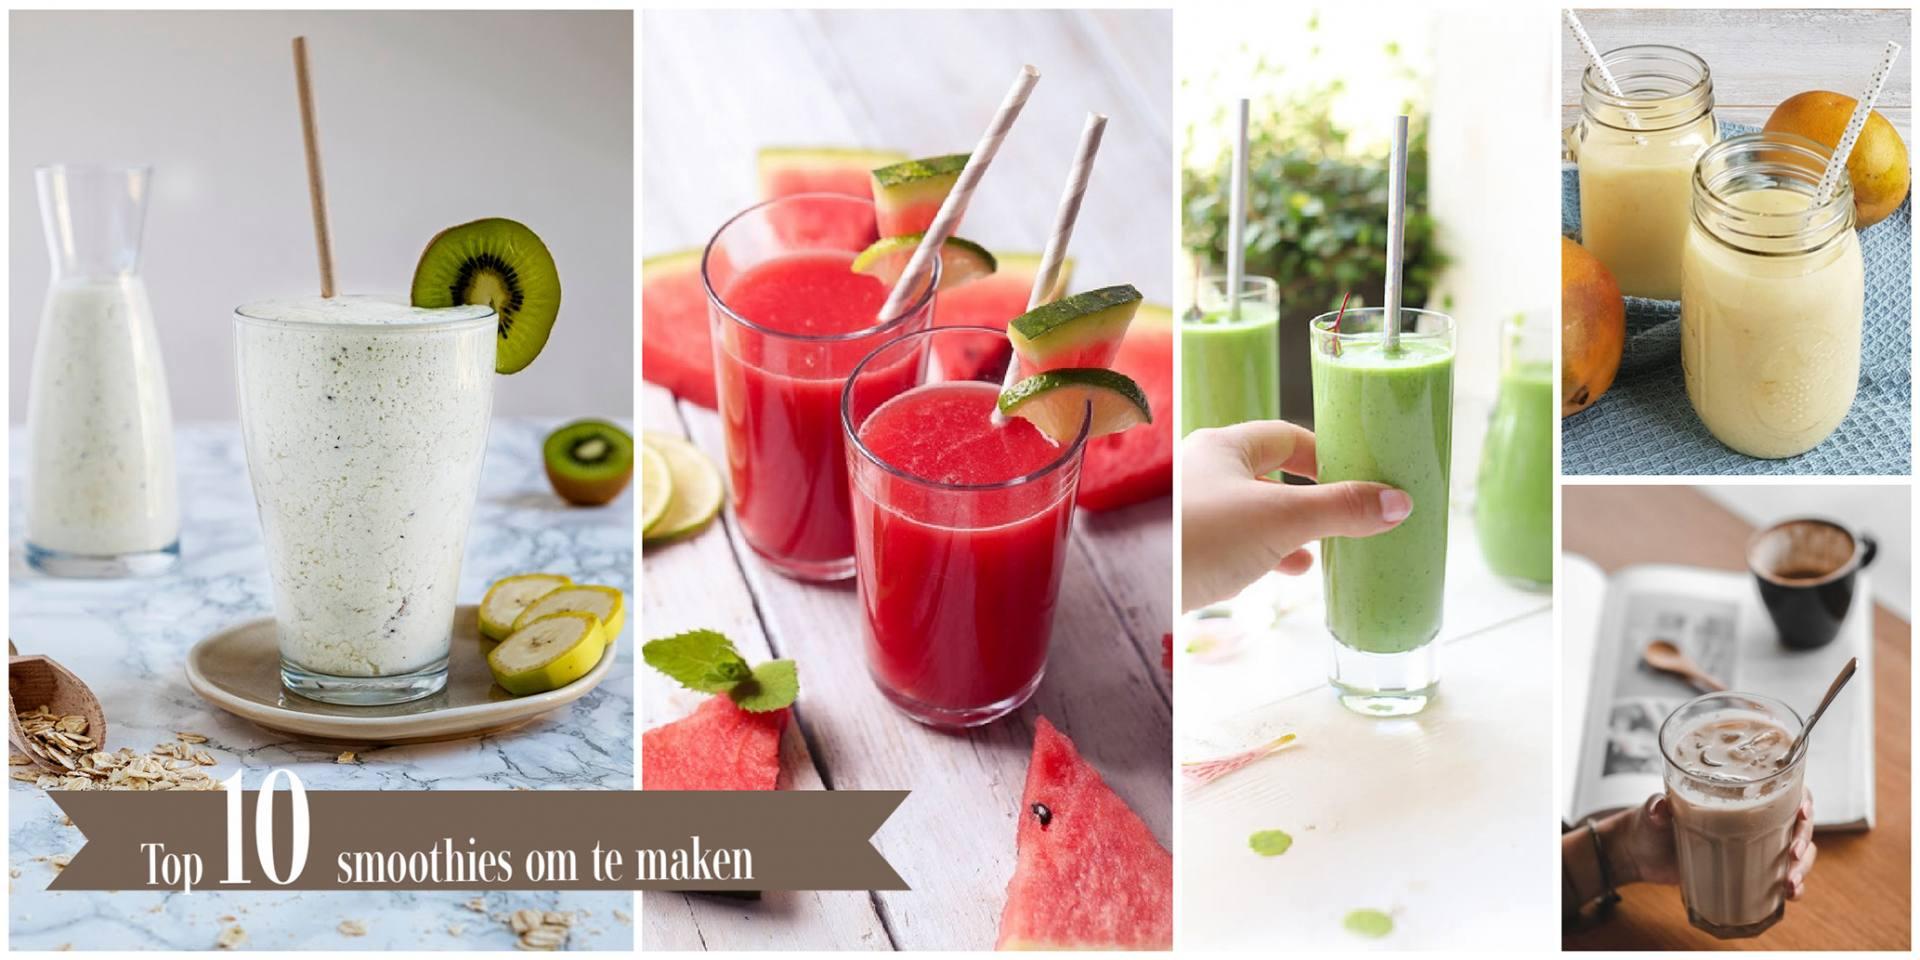 10 smoothies om te maken en te genieten